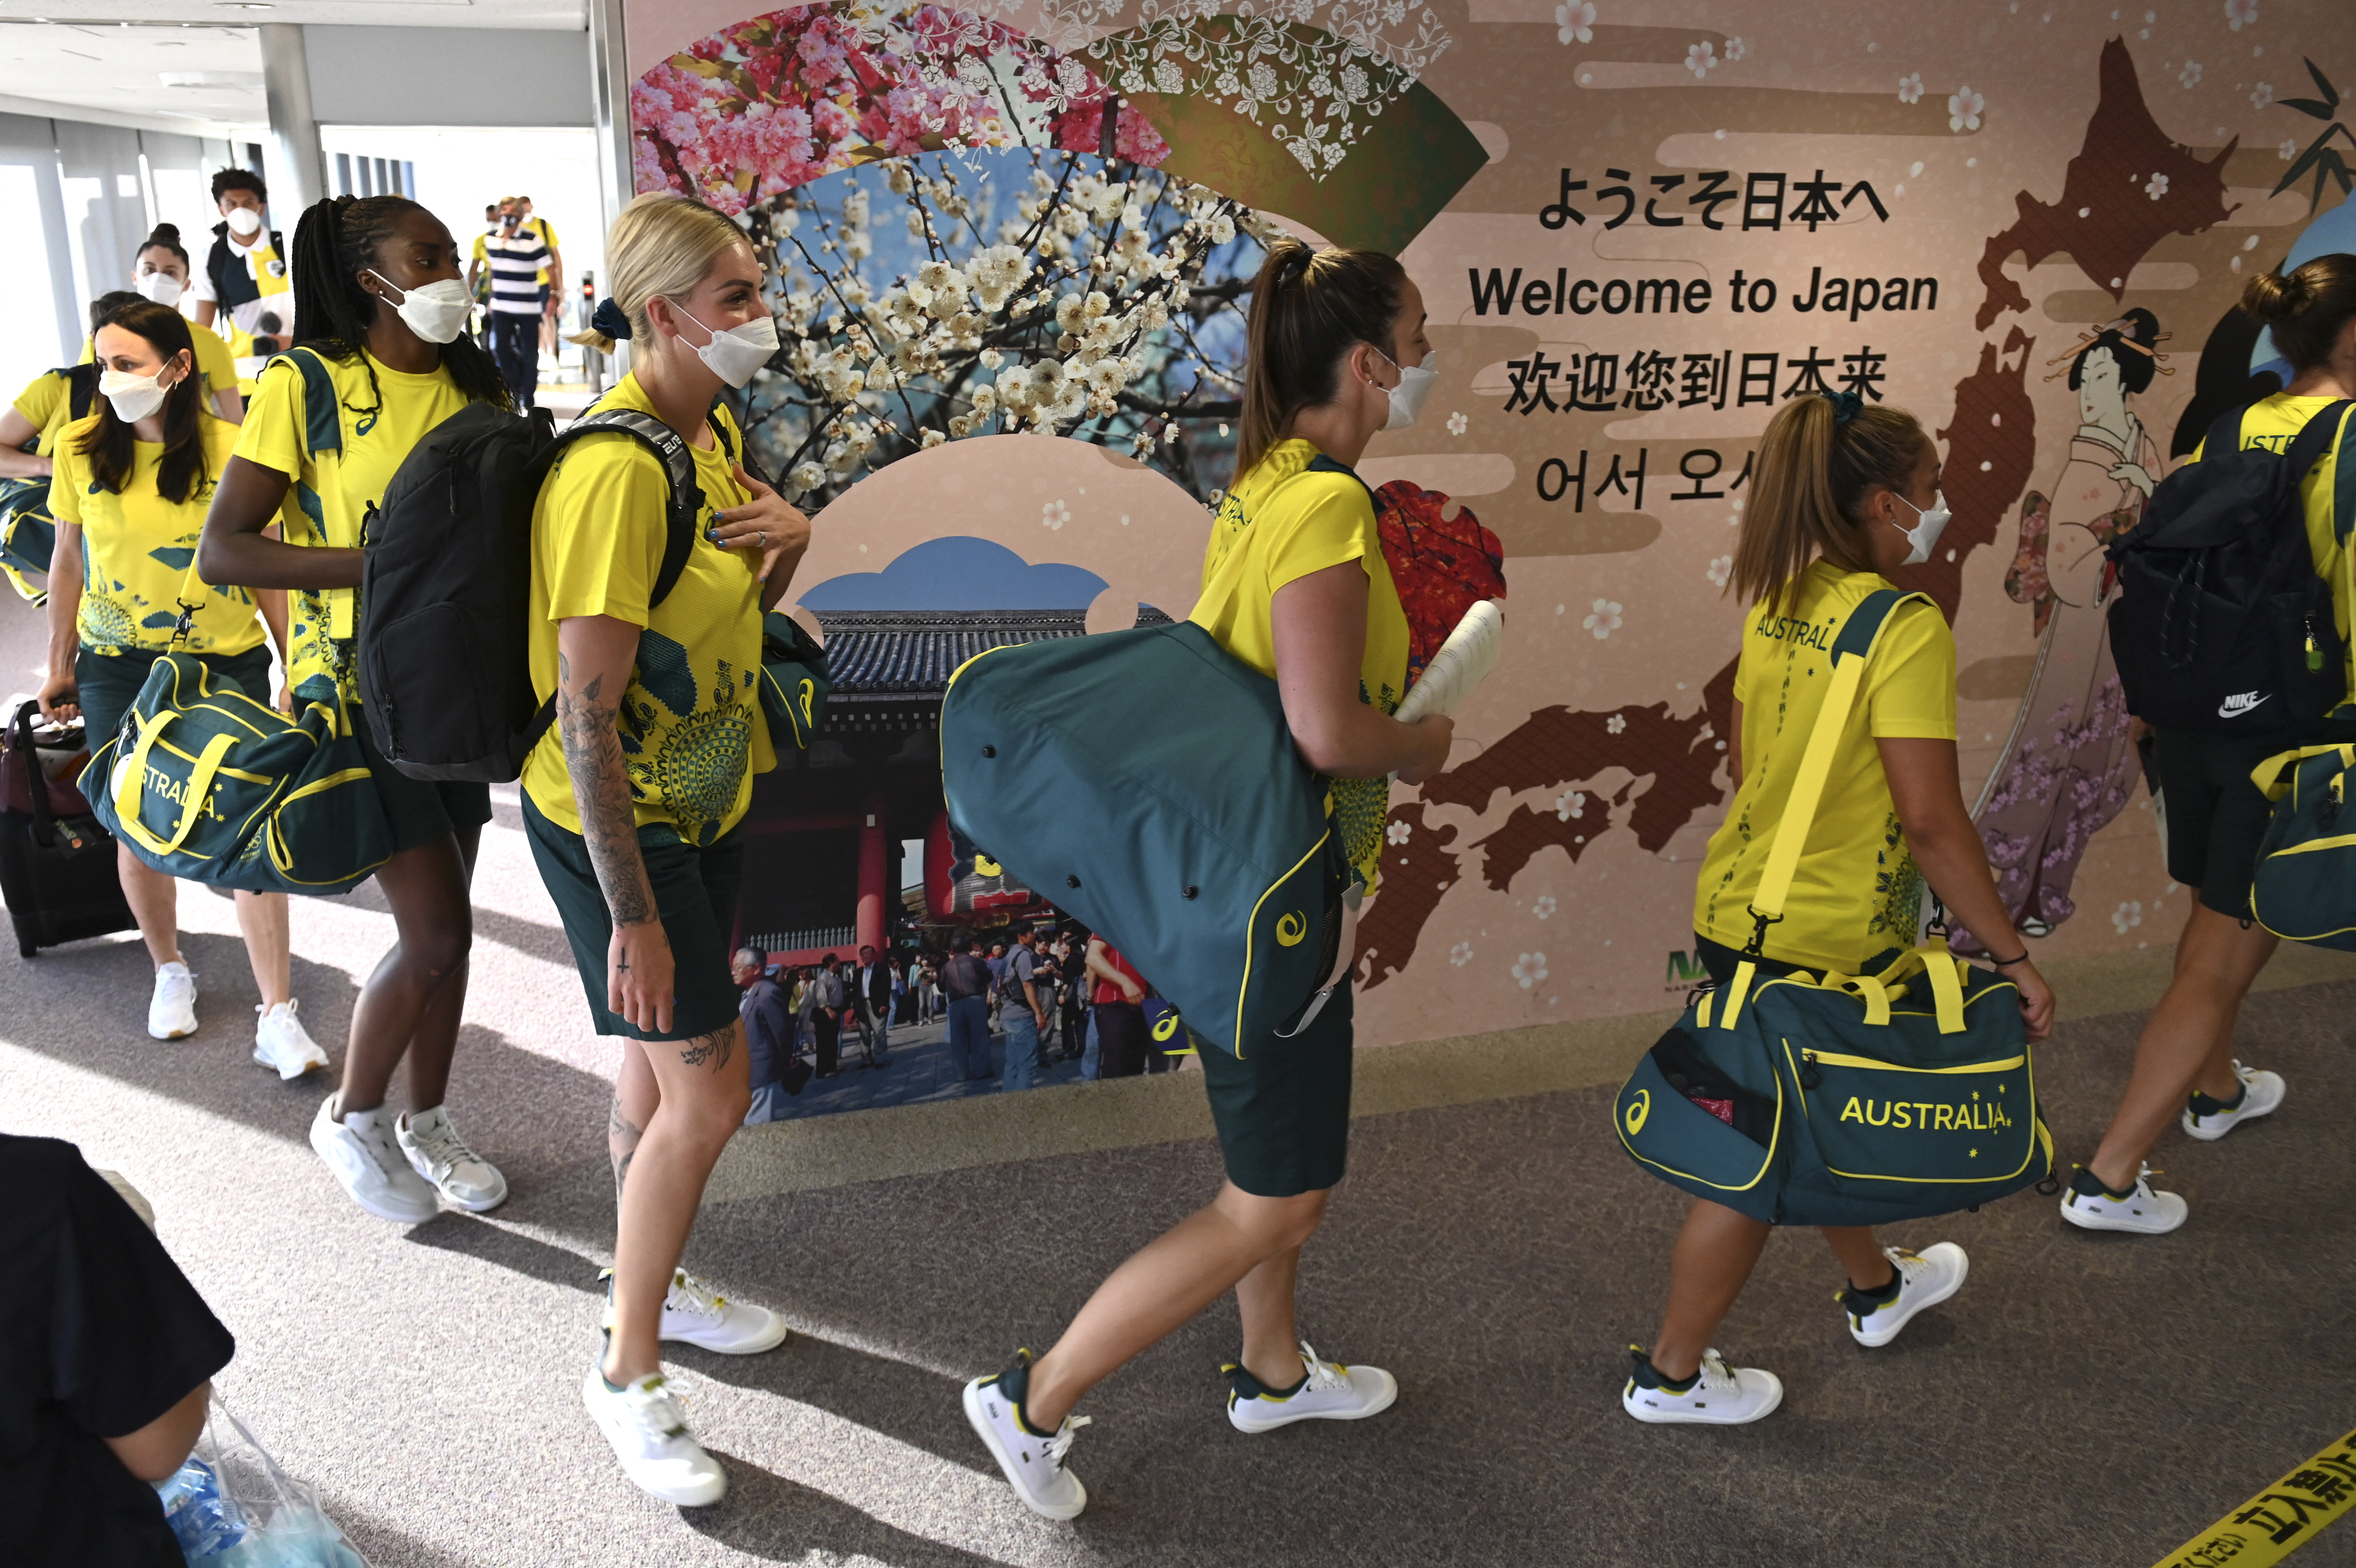 Az Ausztrál Olimpiai Bizottság kegyetlenségnek nevezte, hogy 28 nap karantén vár az ausztrál olimpikonokra